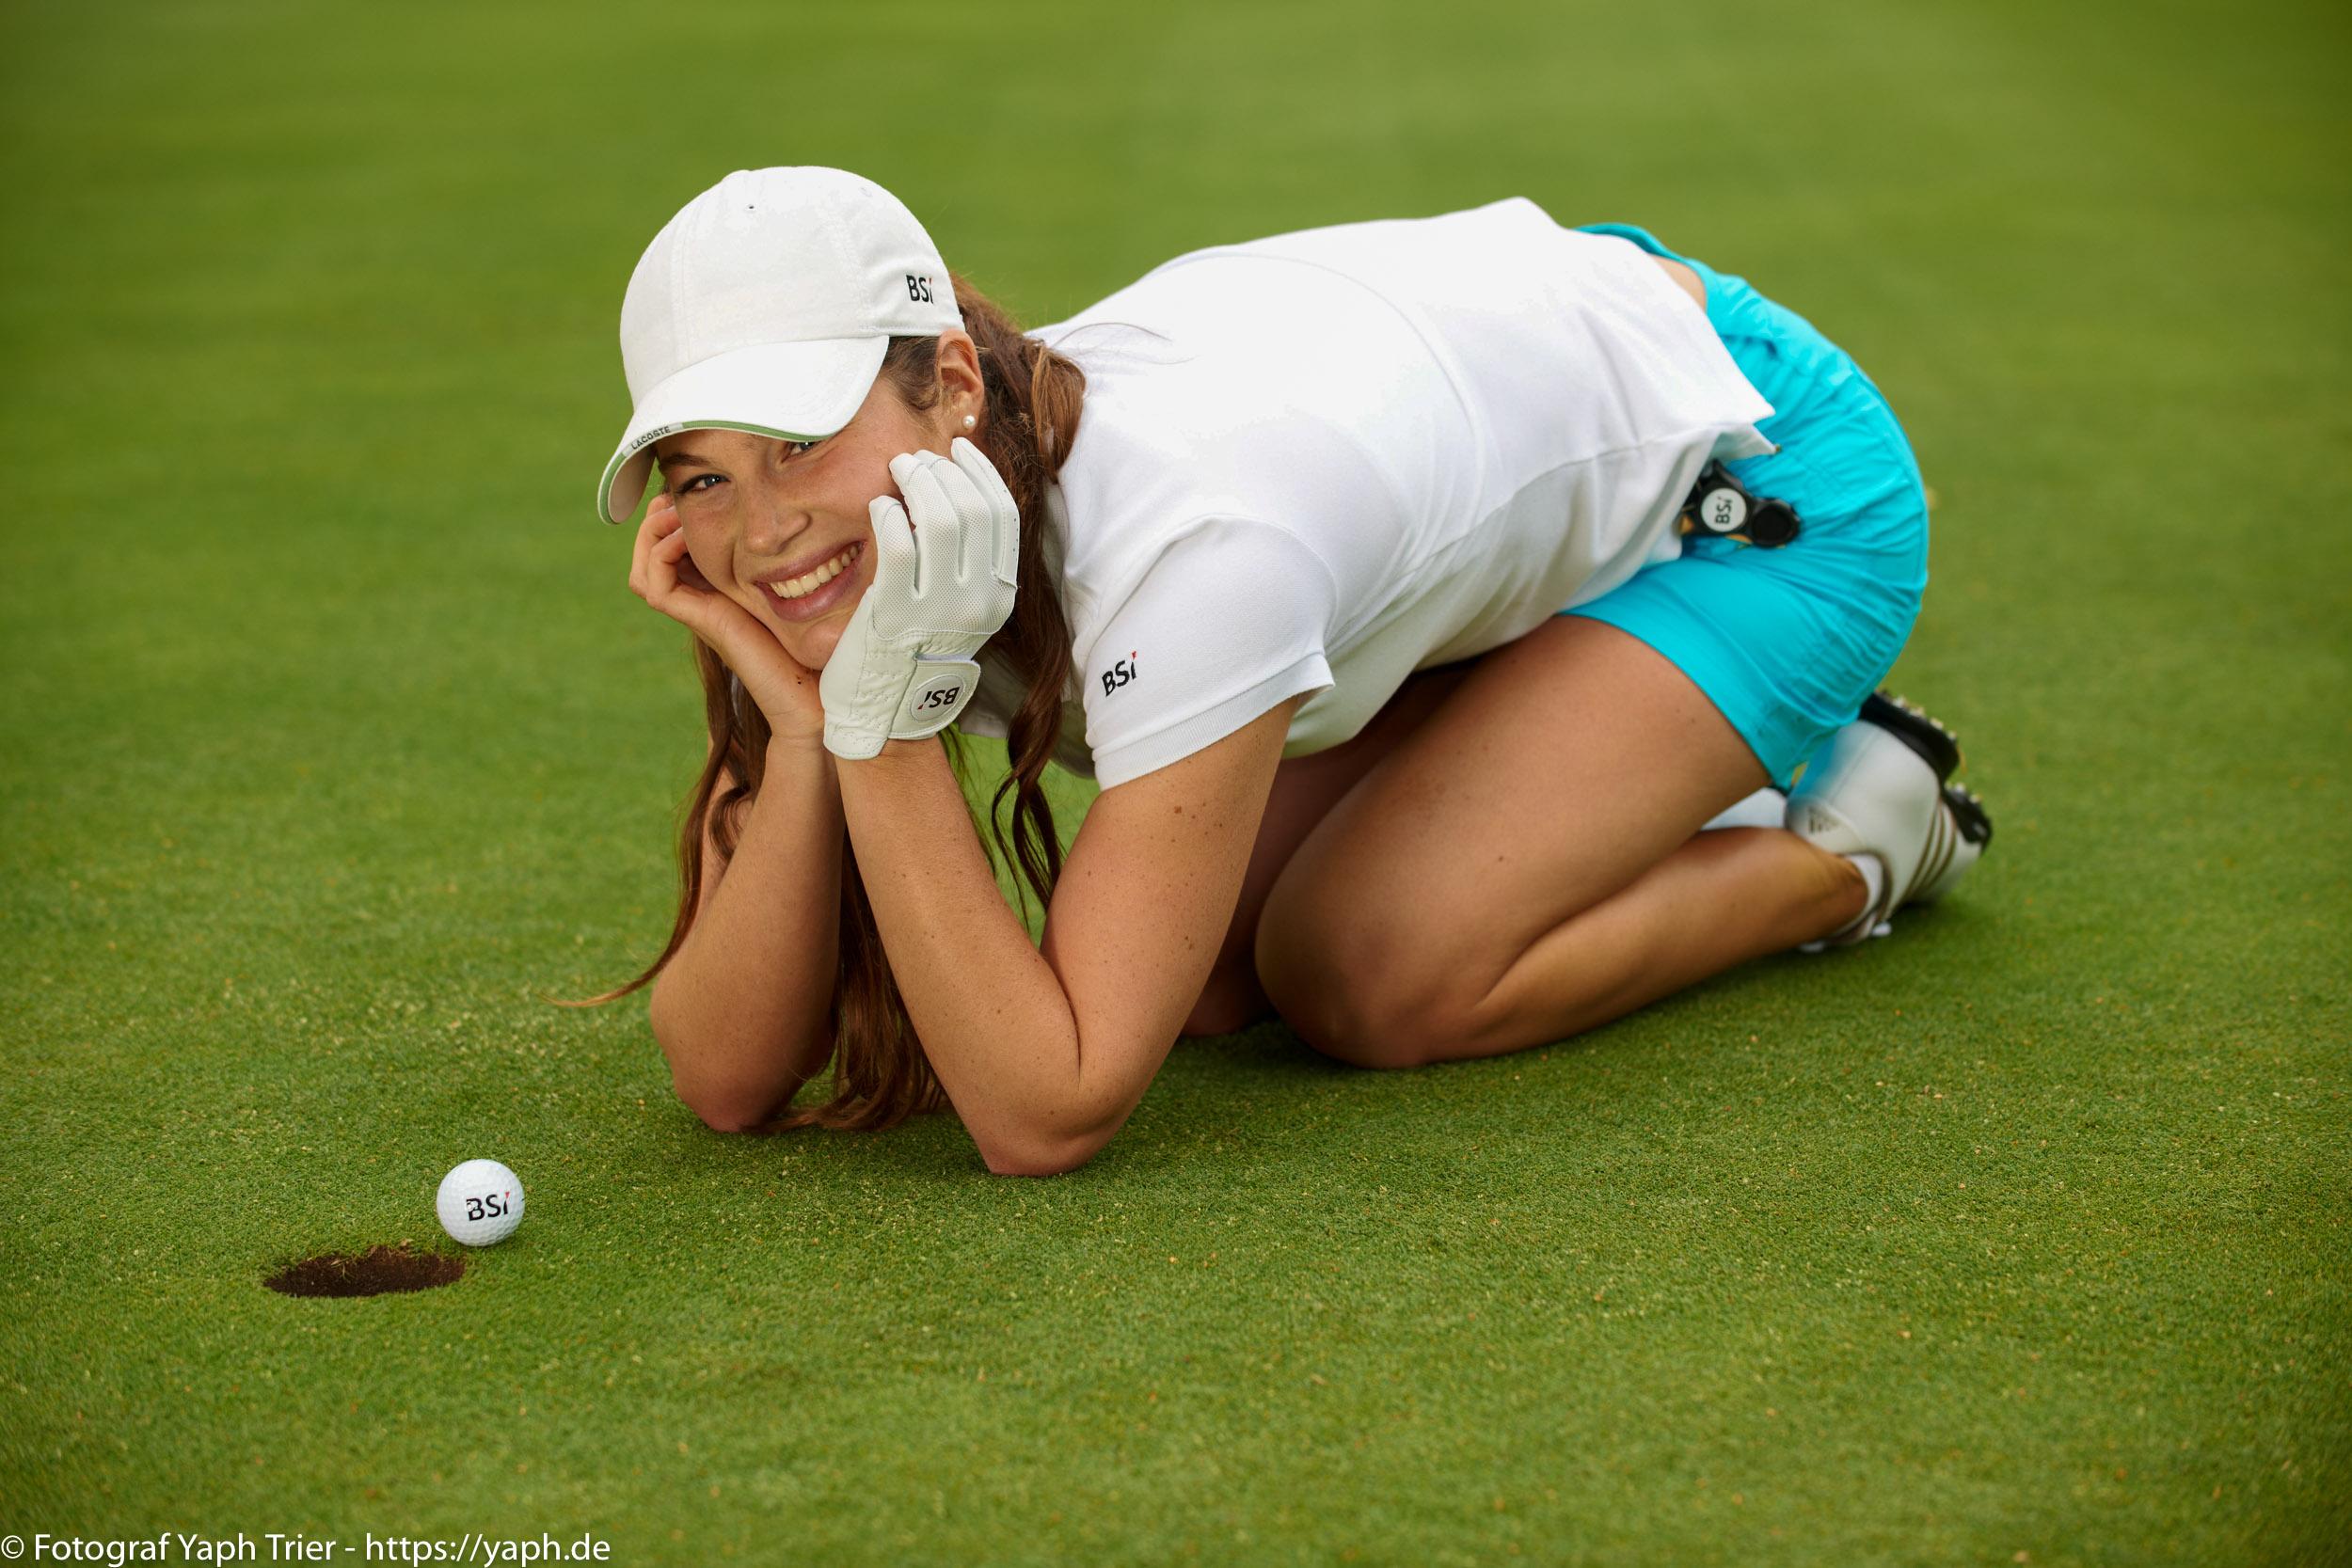 Liebelei Elena Lawrence - luxemburger Golfspielerin bei Fotograf Yaph - 26